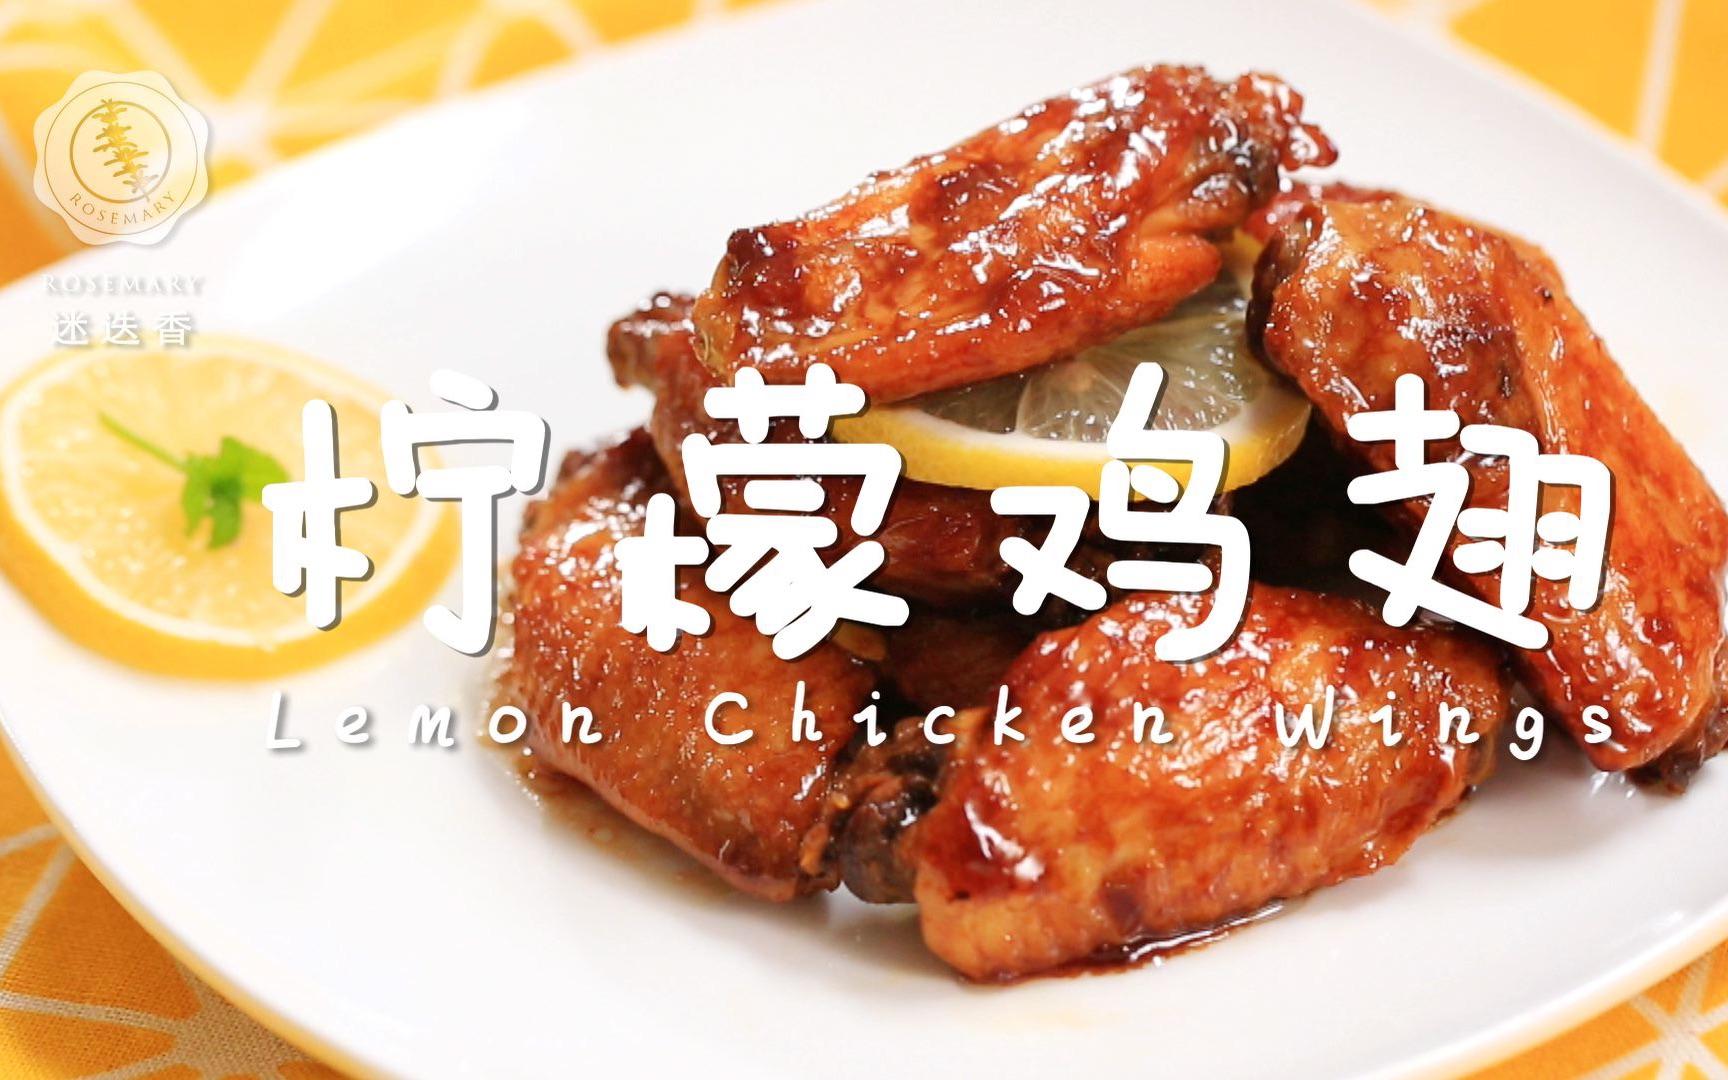 【迷迭香】比可乐鸡翅更好吃!人见人爱的酸甜柠檬翅